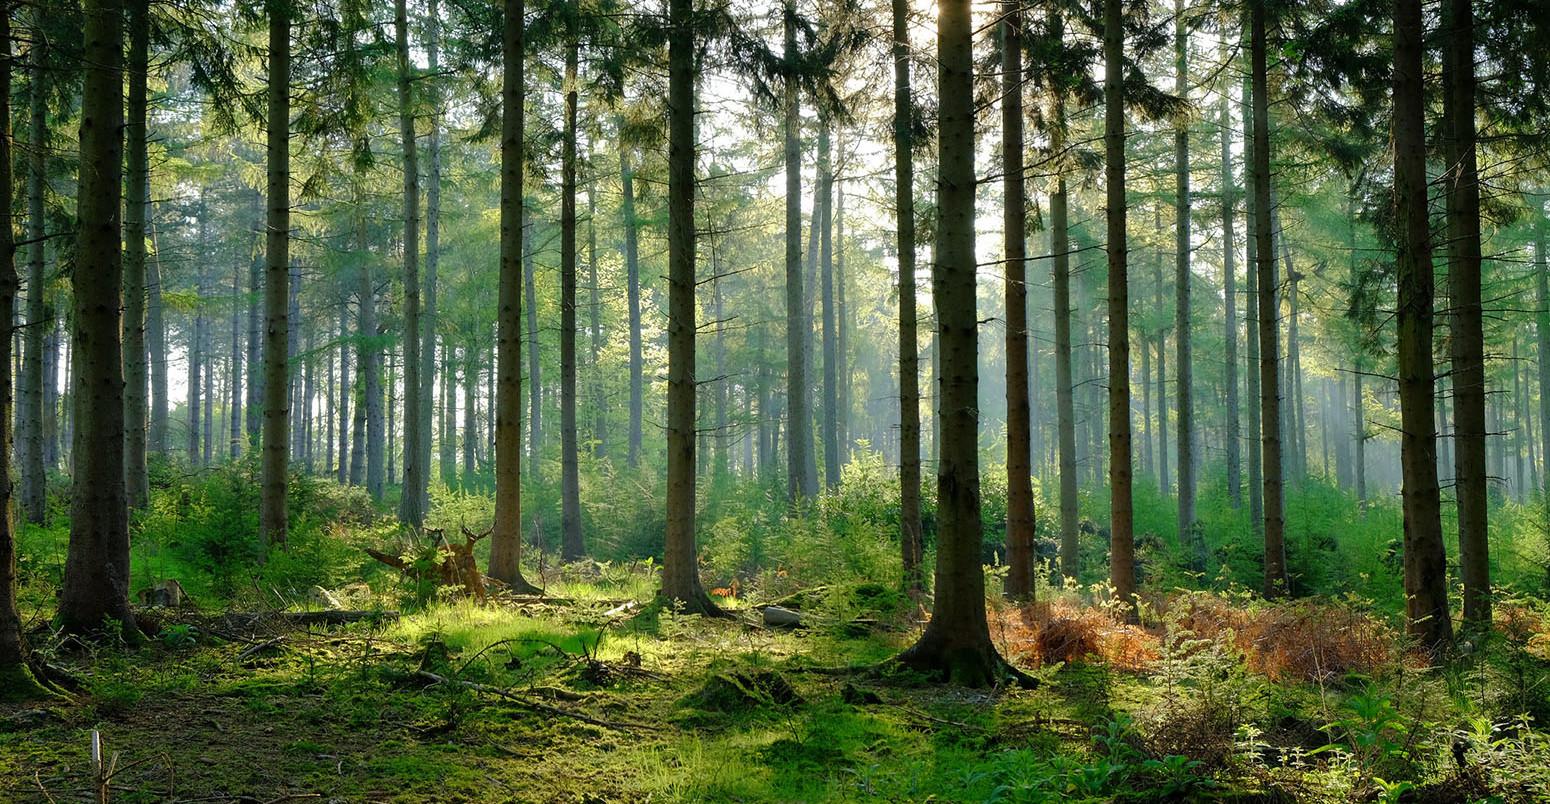 Les, pozemek.